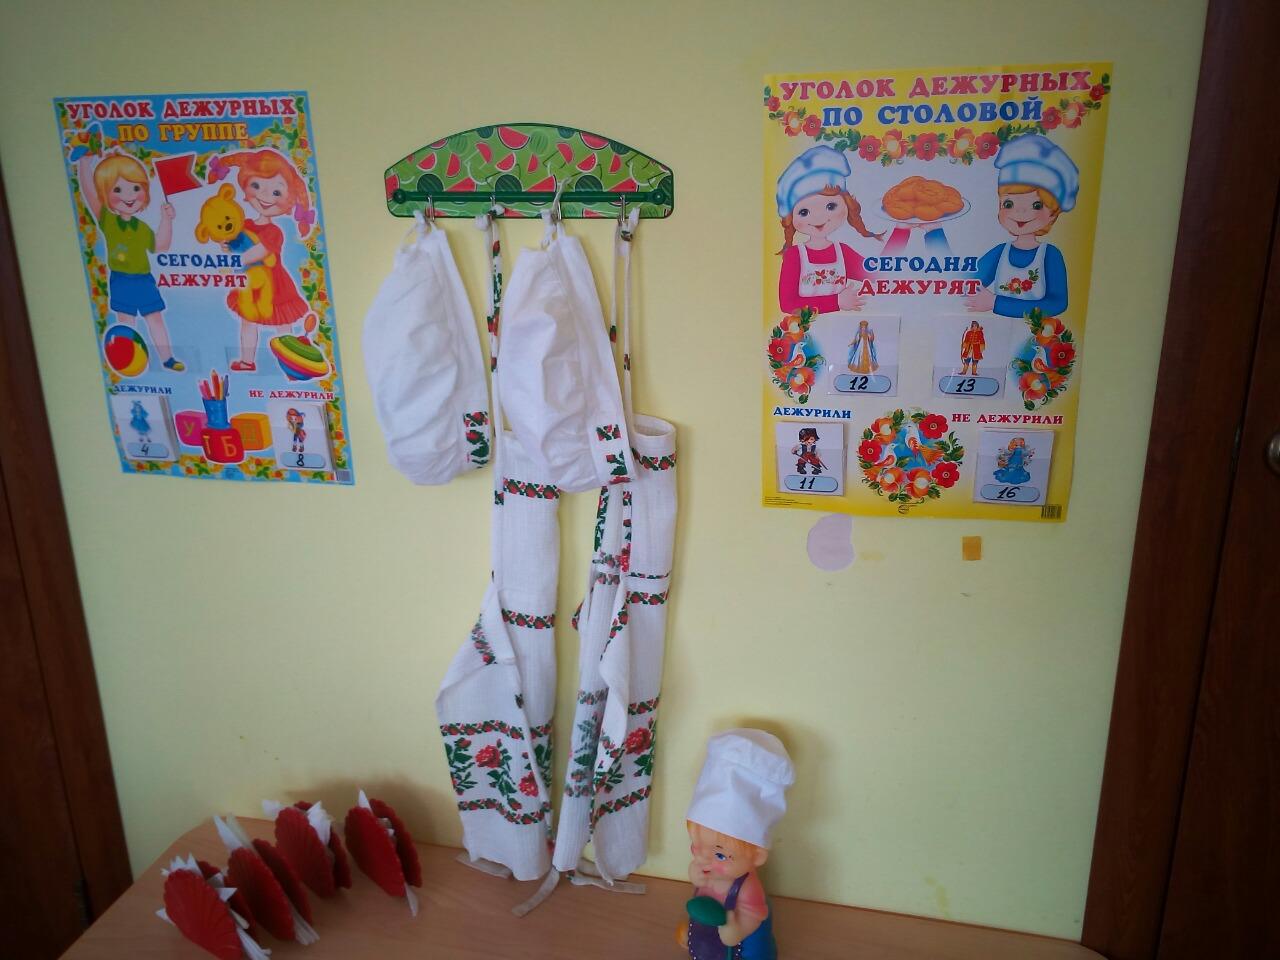 Оформление детского сада. «Уголок дежурных» и «Уголок 95